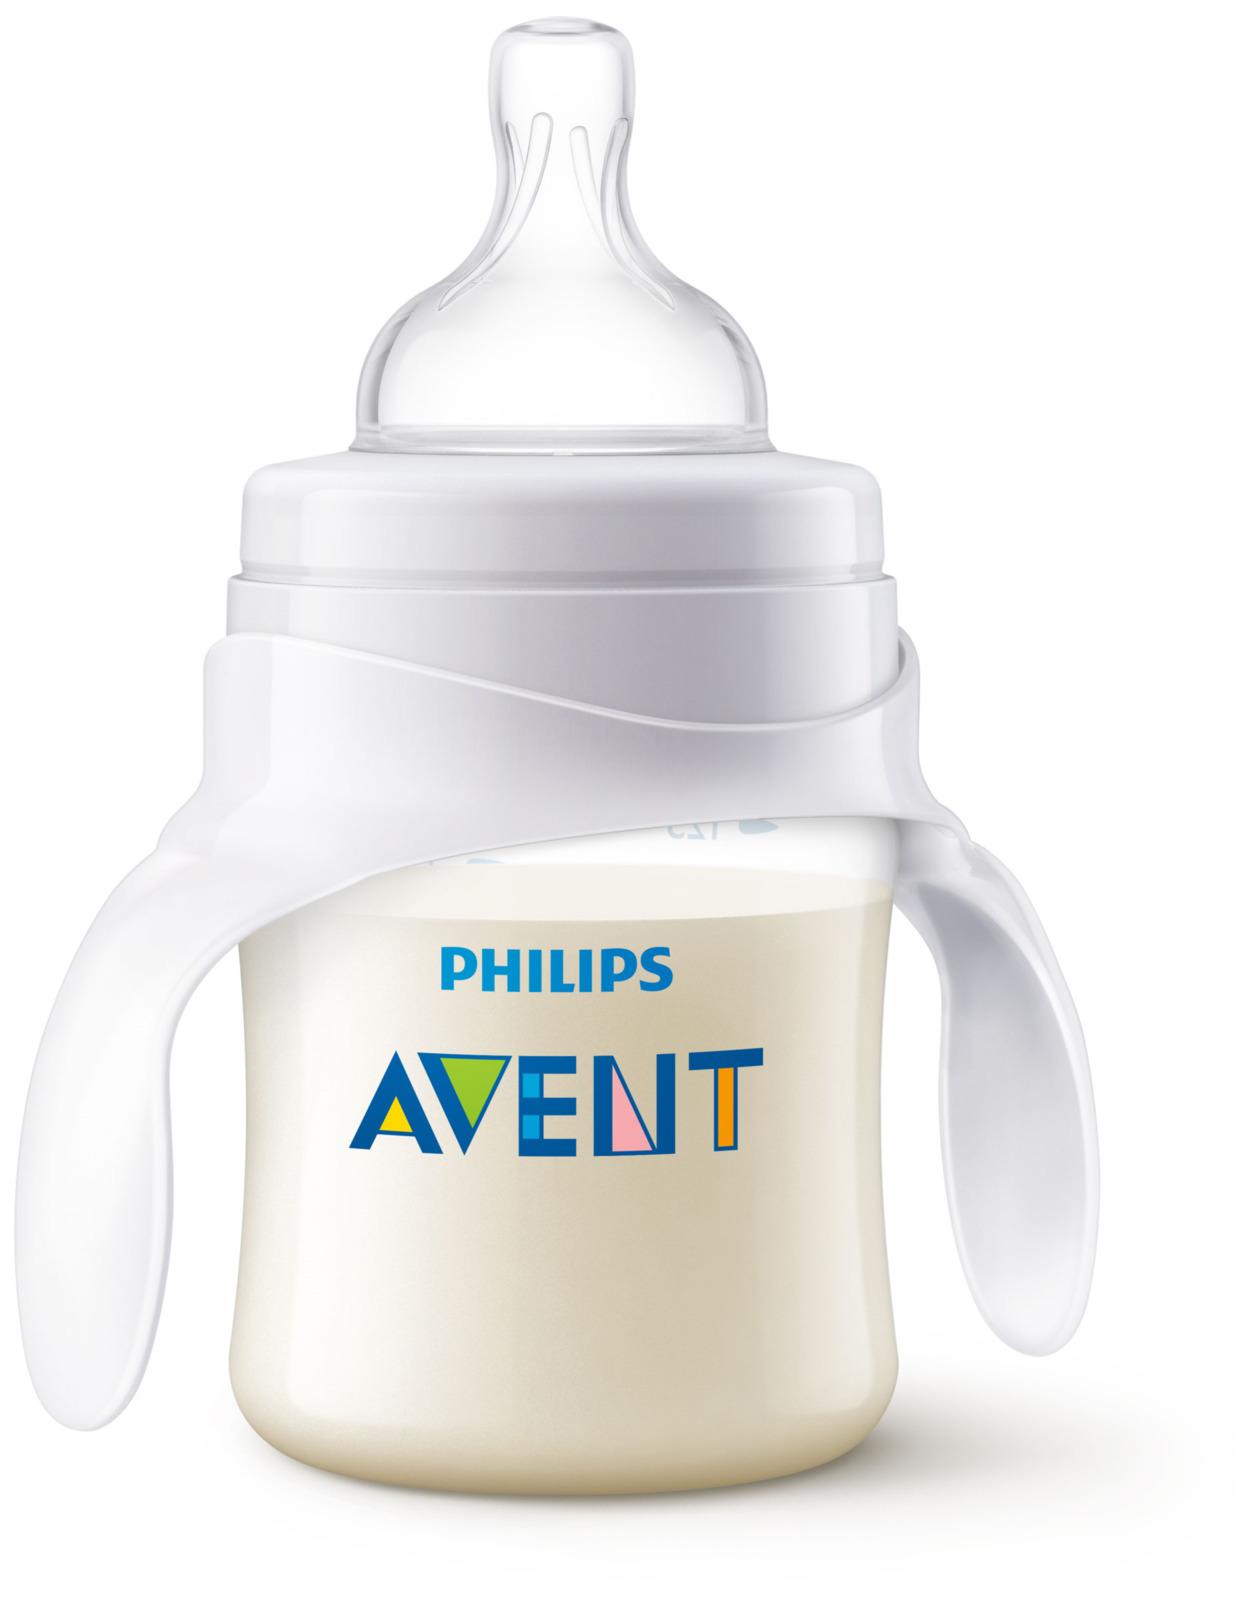 Бутылочка для кормления Philips Avent, от 4 месяцев, SCF638/01, 120 мл бутылочка для кормления philips avent с мягким носиком и ручками от 4 месяцев цвет белый